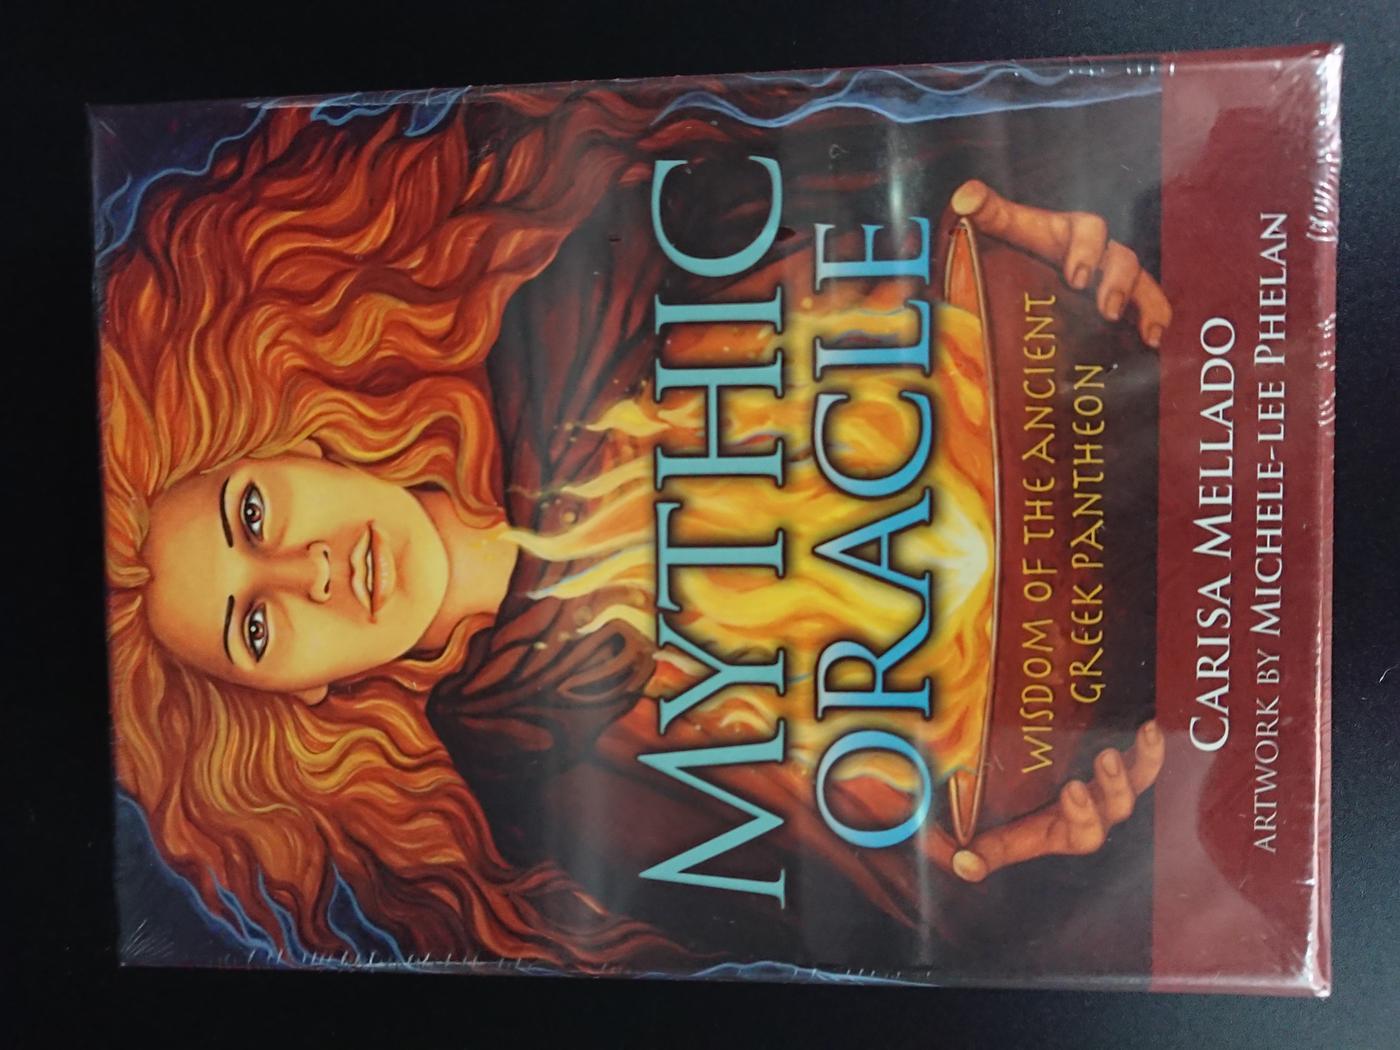 Mythic Oracle boxed set